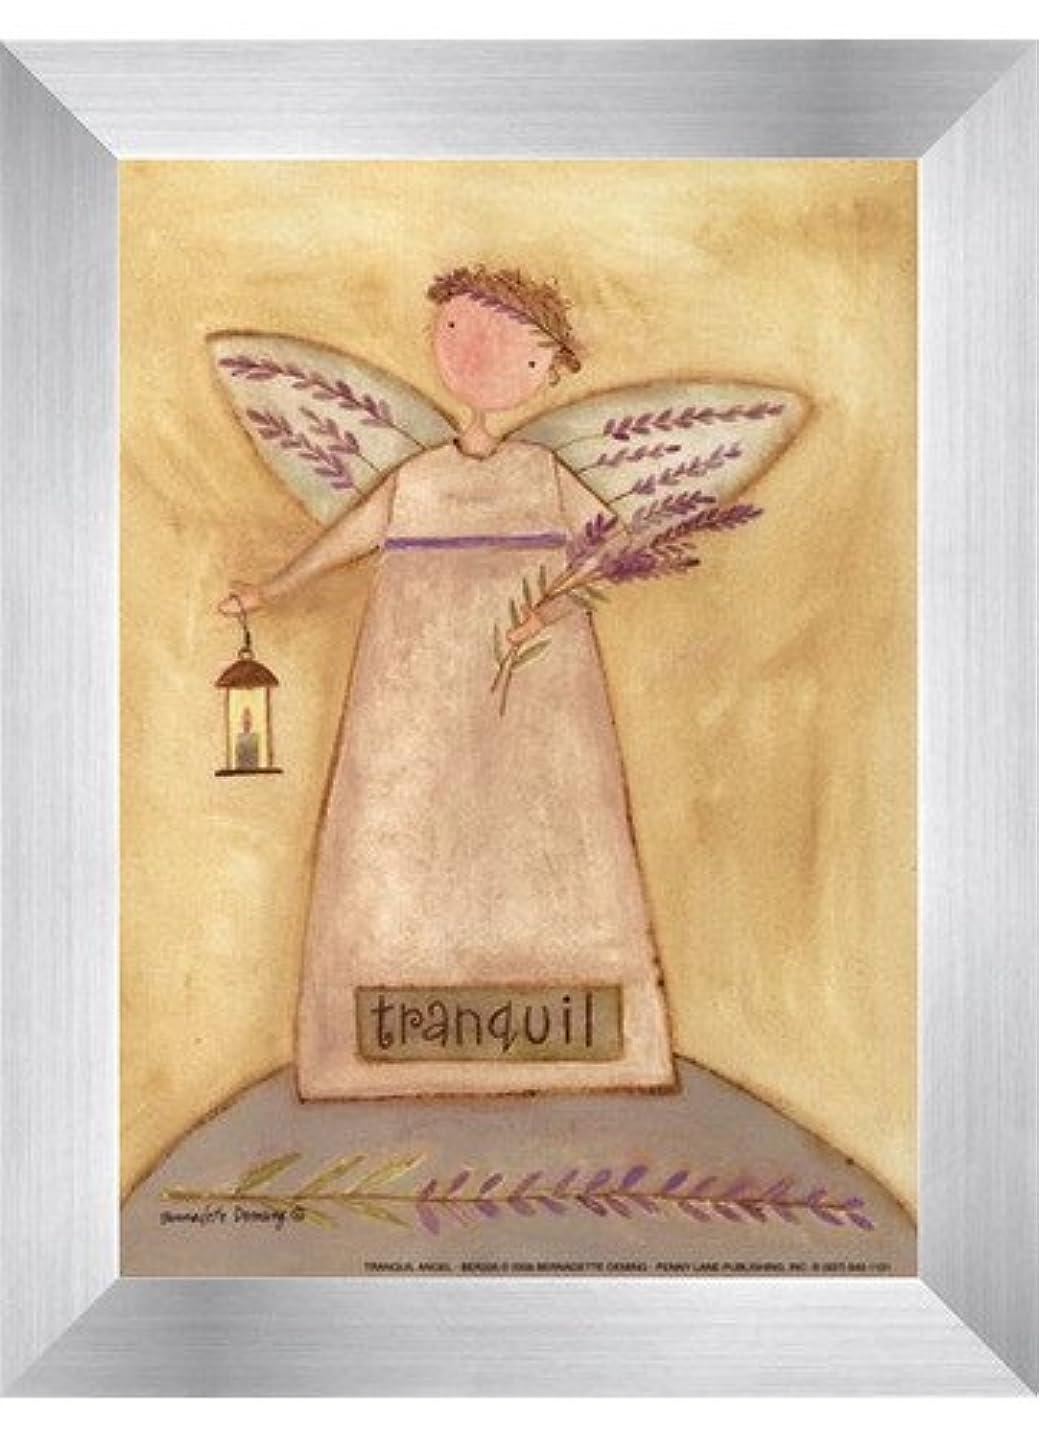 地理結婚スペースTranquil Angel by Bernadette Deming – 5 x 7インチ – アートプリントポスター LE_613849-F9935-5x7